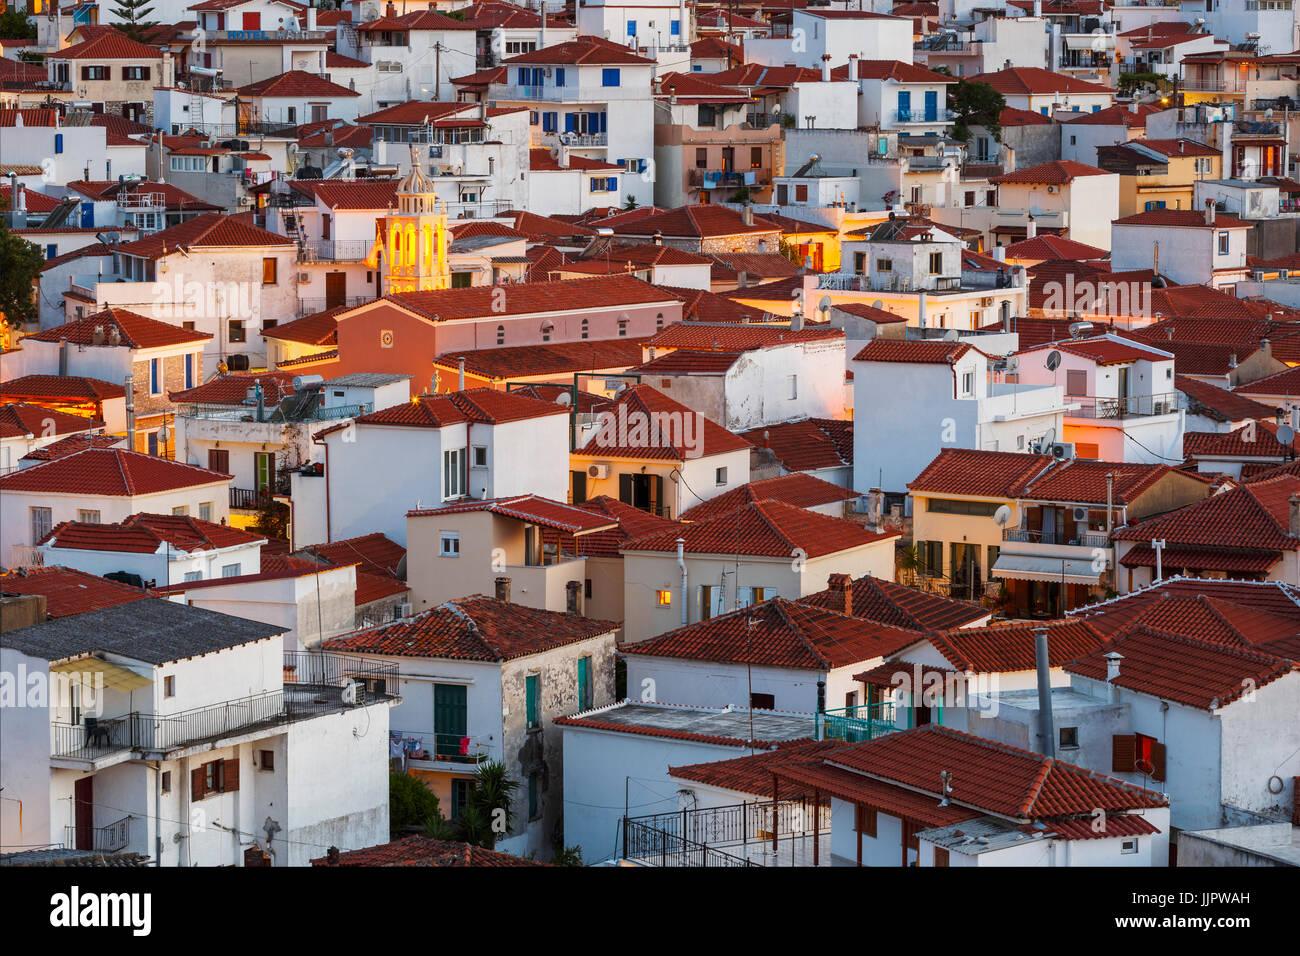 Vista de noche de la ciudad de Skiathos en Grecia, Espóradas. Imagen De Stock